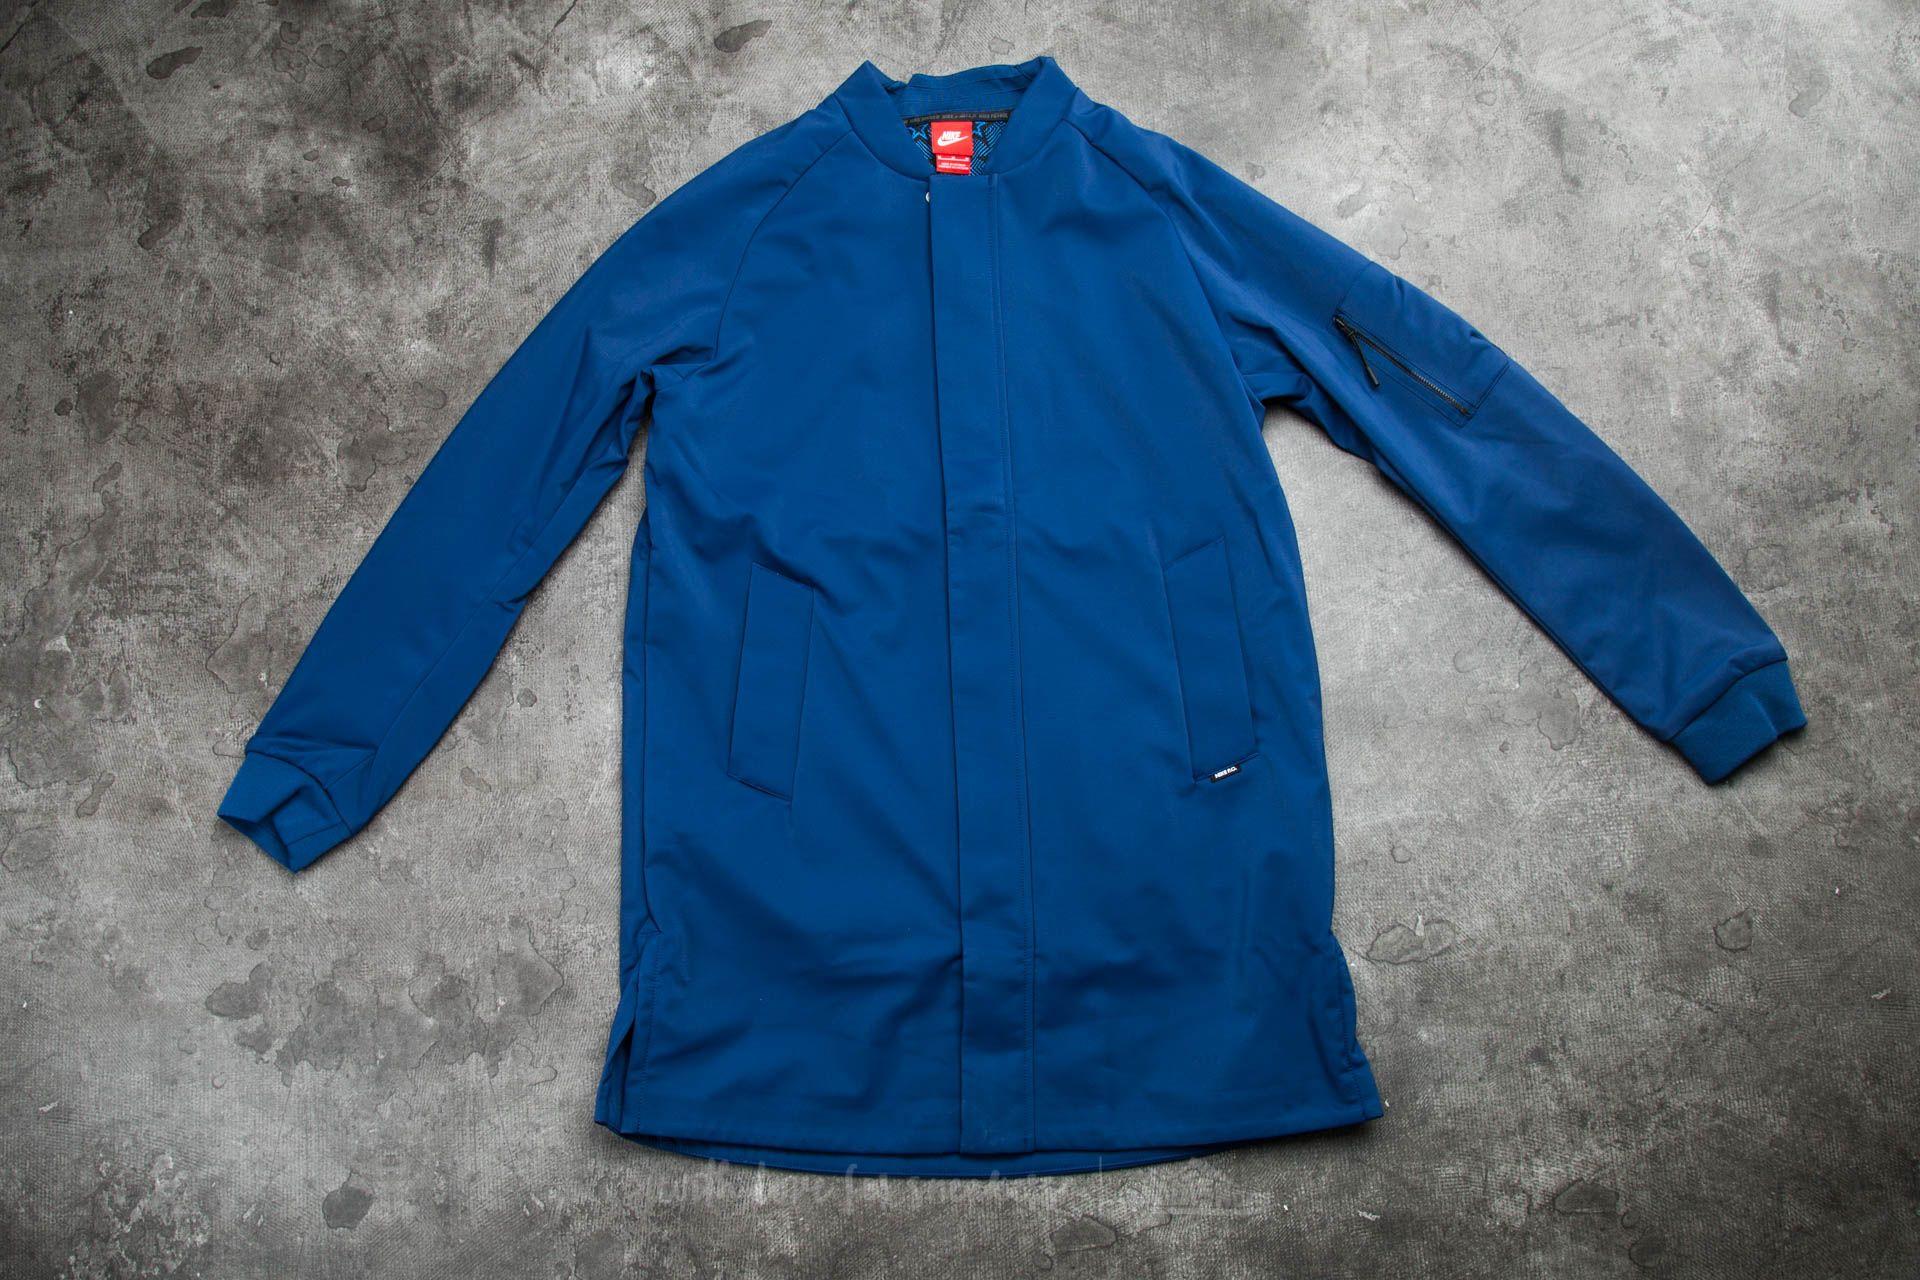 Nike F.C. Jacket Coastal Blue